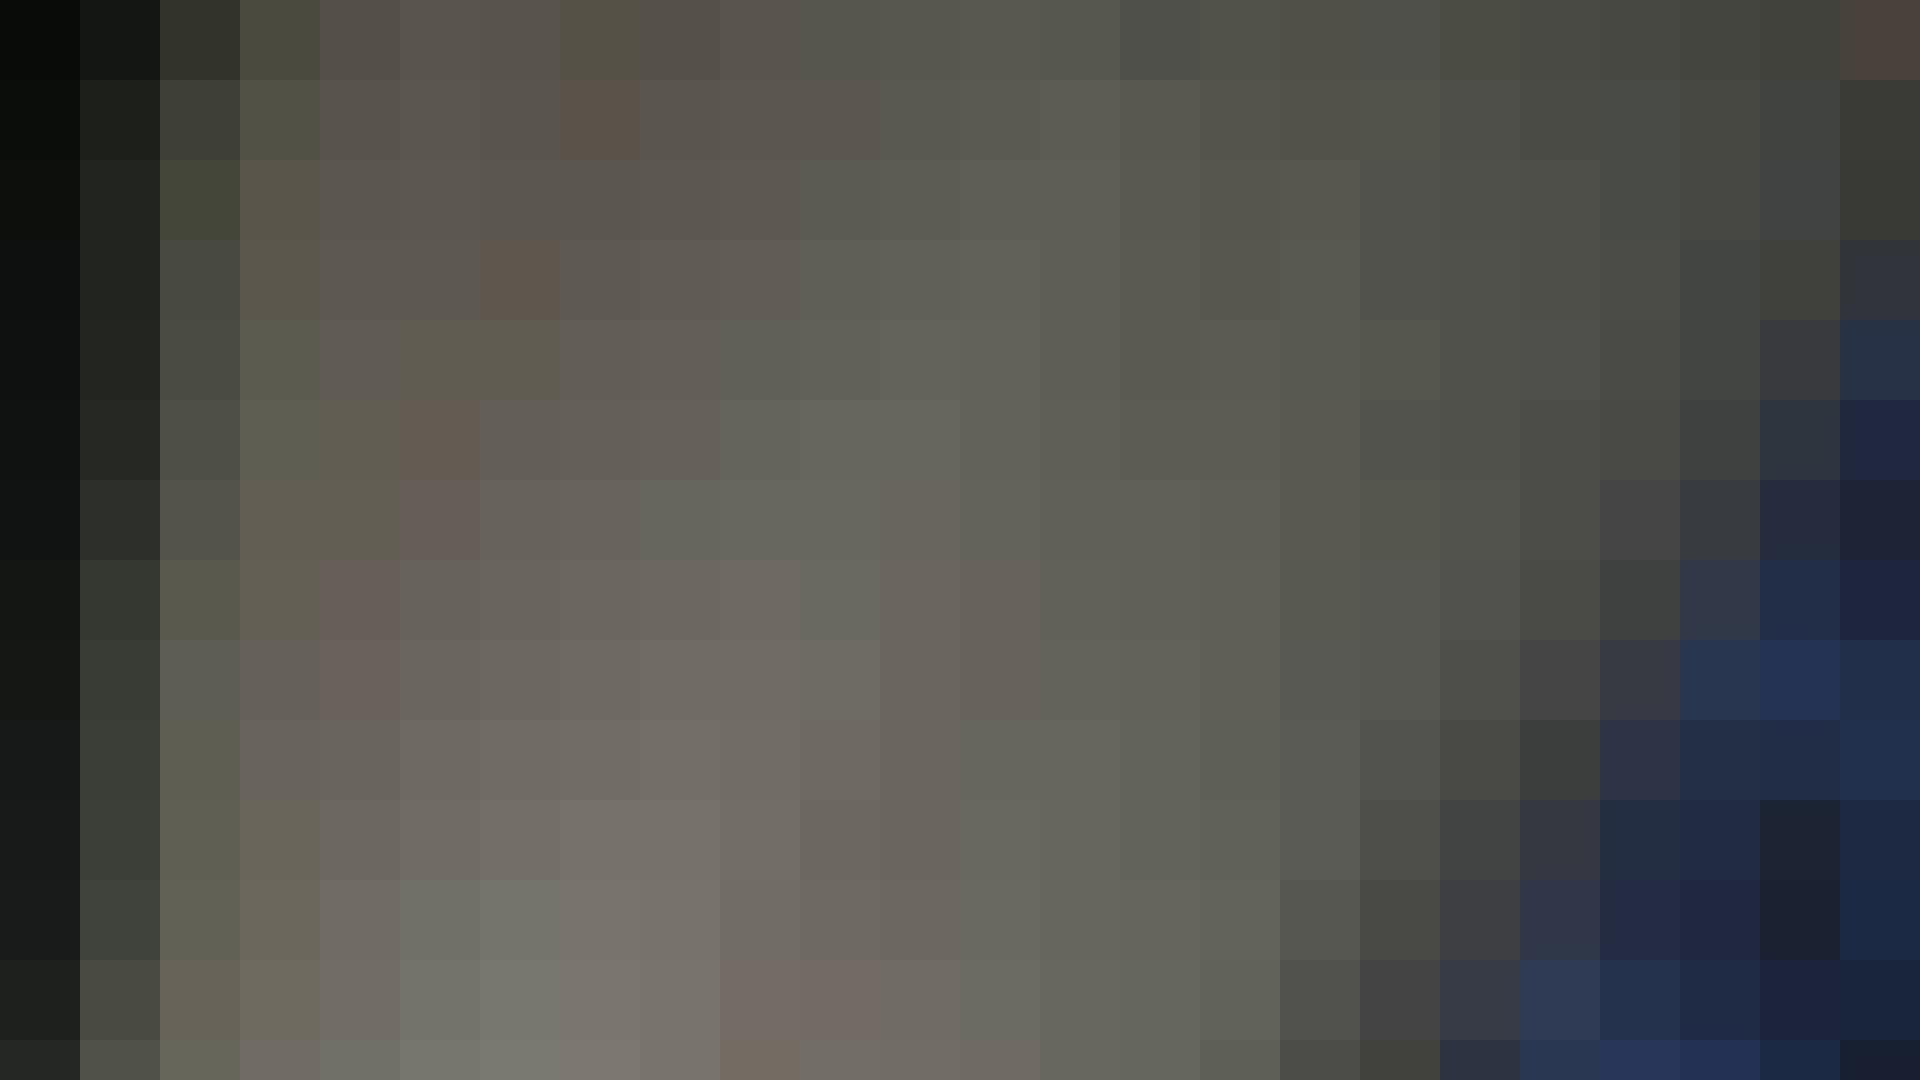 阿国ちゃんの「和式洋式七変化」No.18 iBO(フタコブ) 盛合せ すけべAV動画紹介 96画像 87